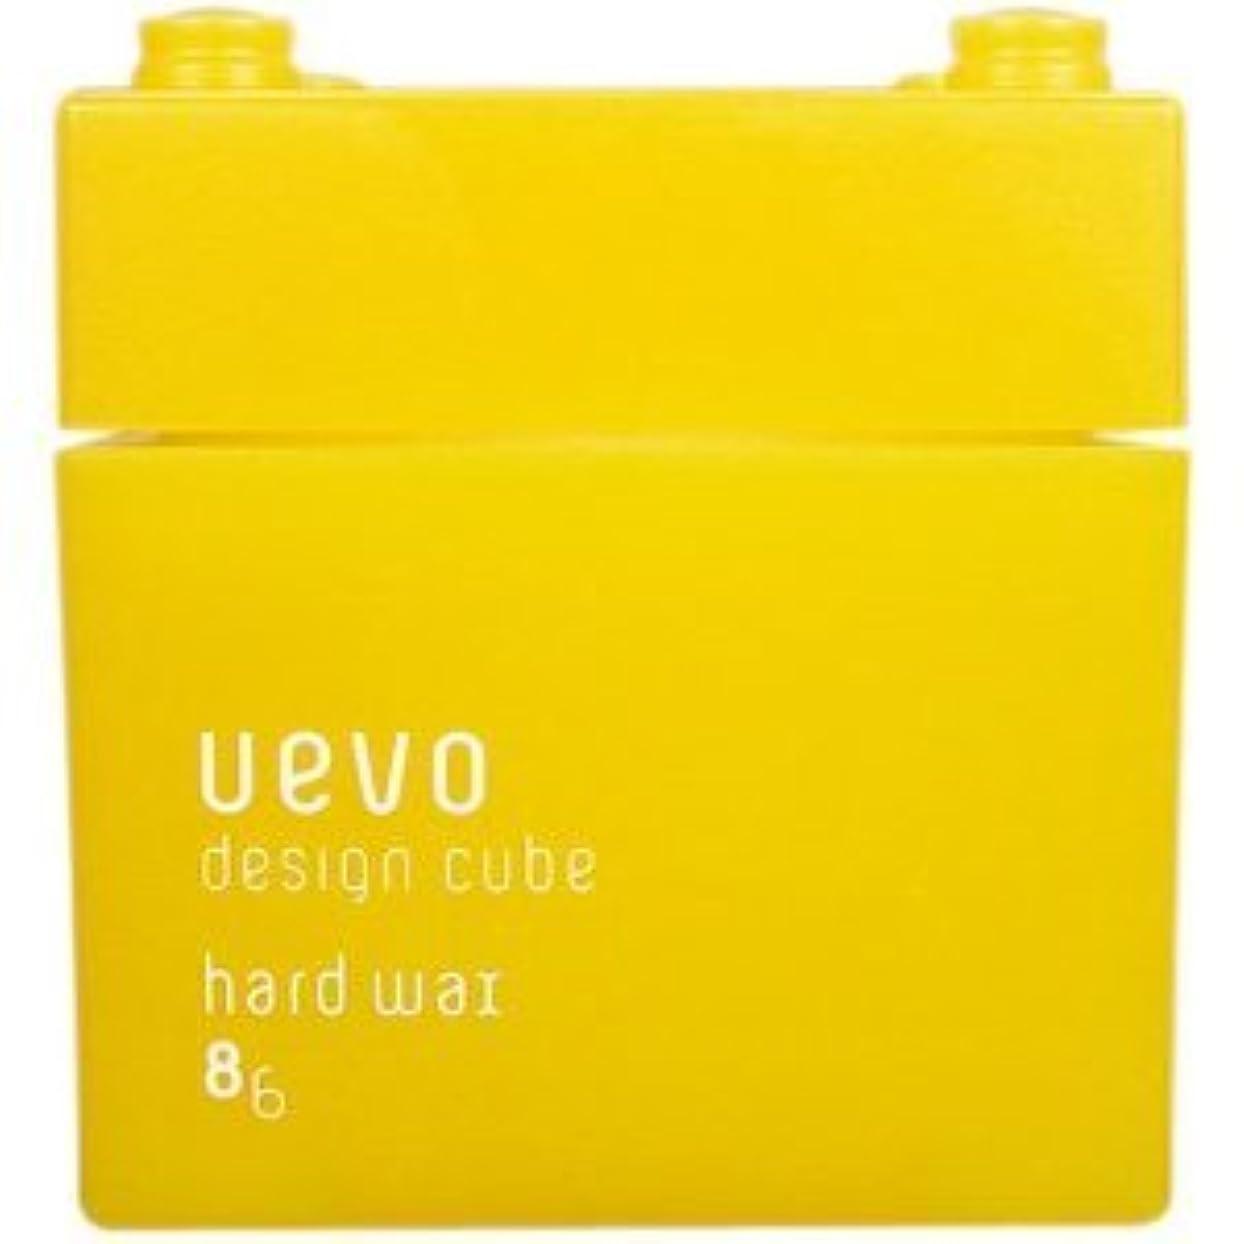 プロット逆さまに負【X3個セット】 デミ ウェーボ デザインキューブ ハードワックス 80g hard wax DEMI uevo design cube